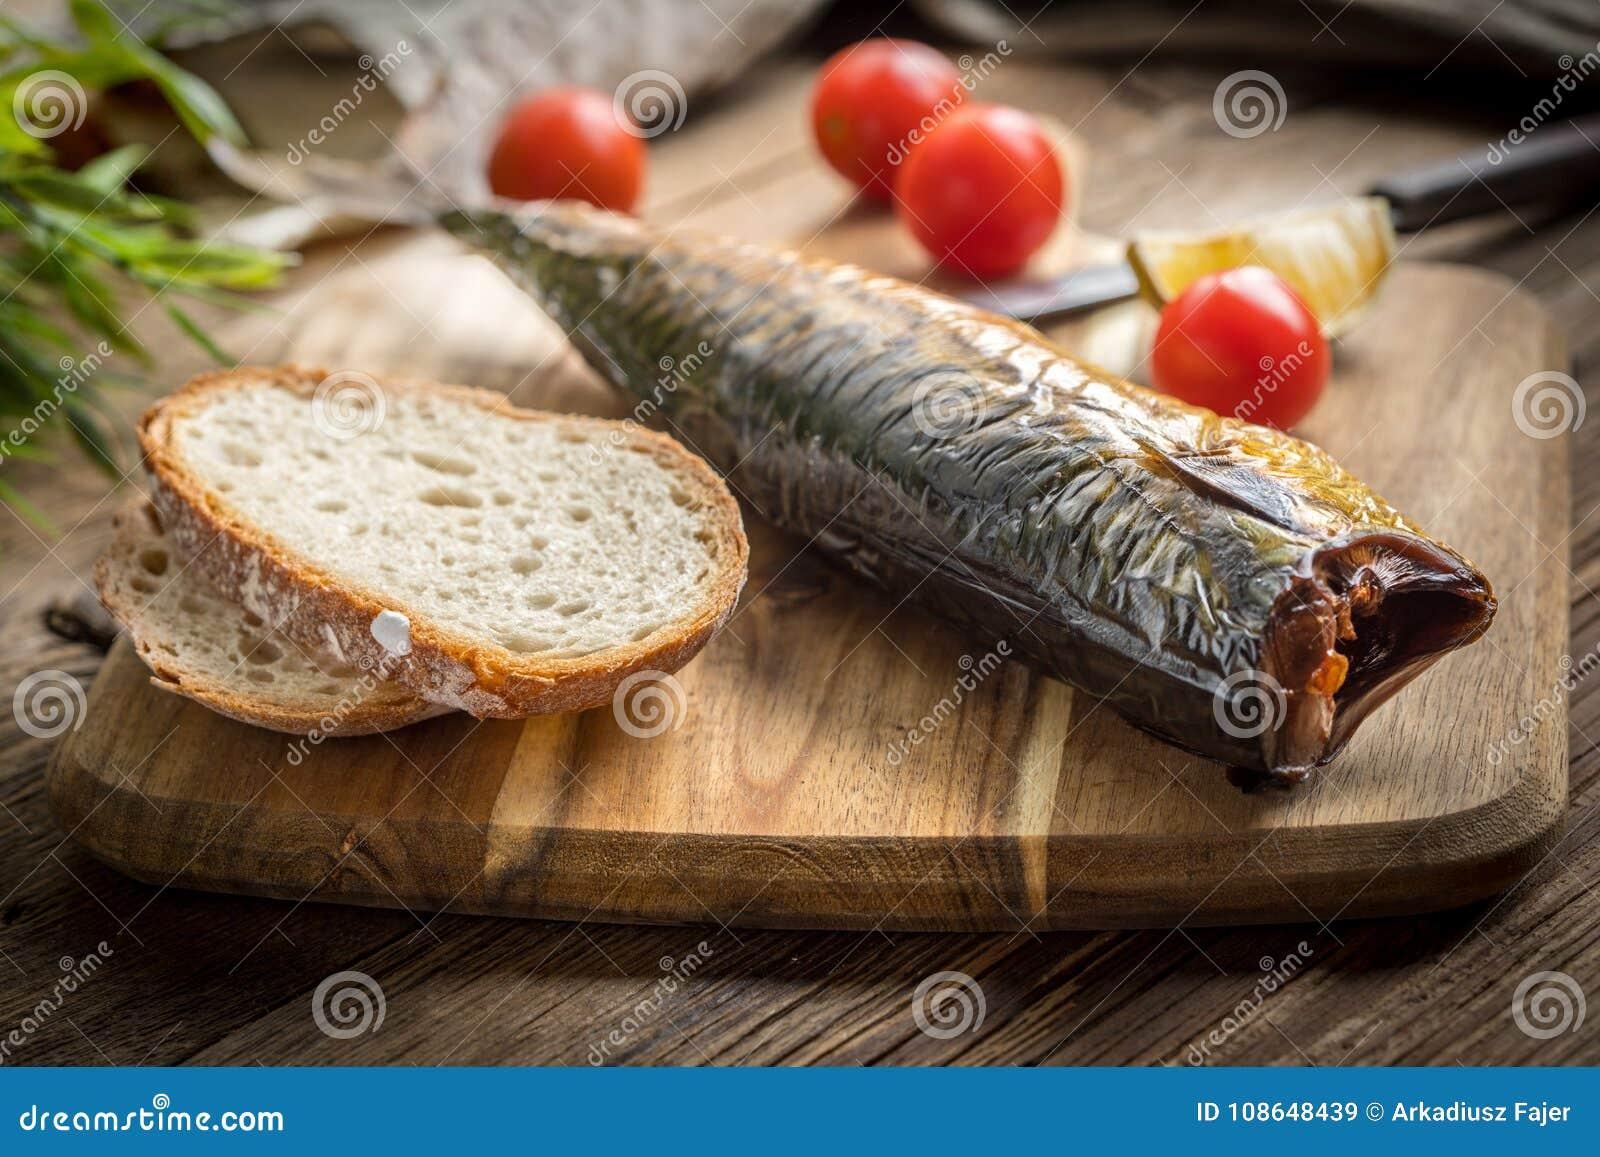 Smoked mackerel and bread.